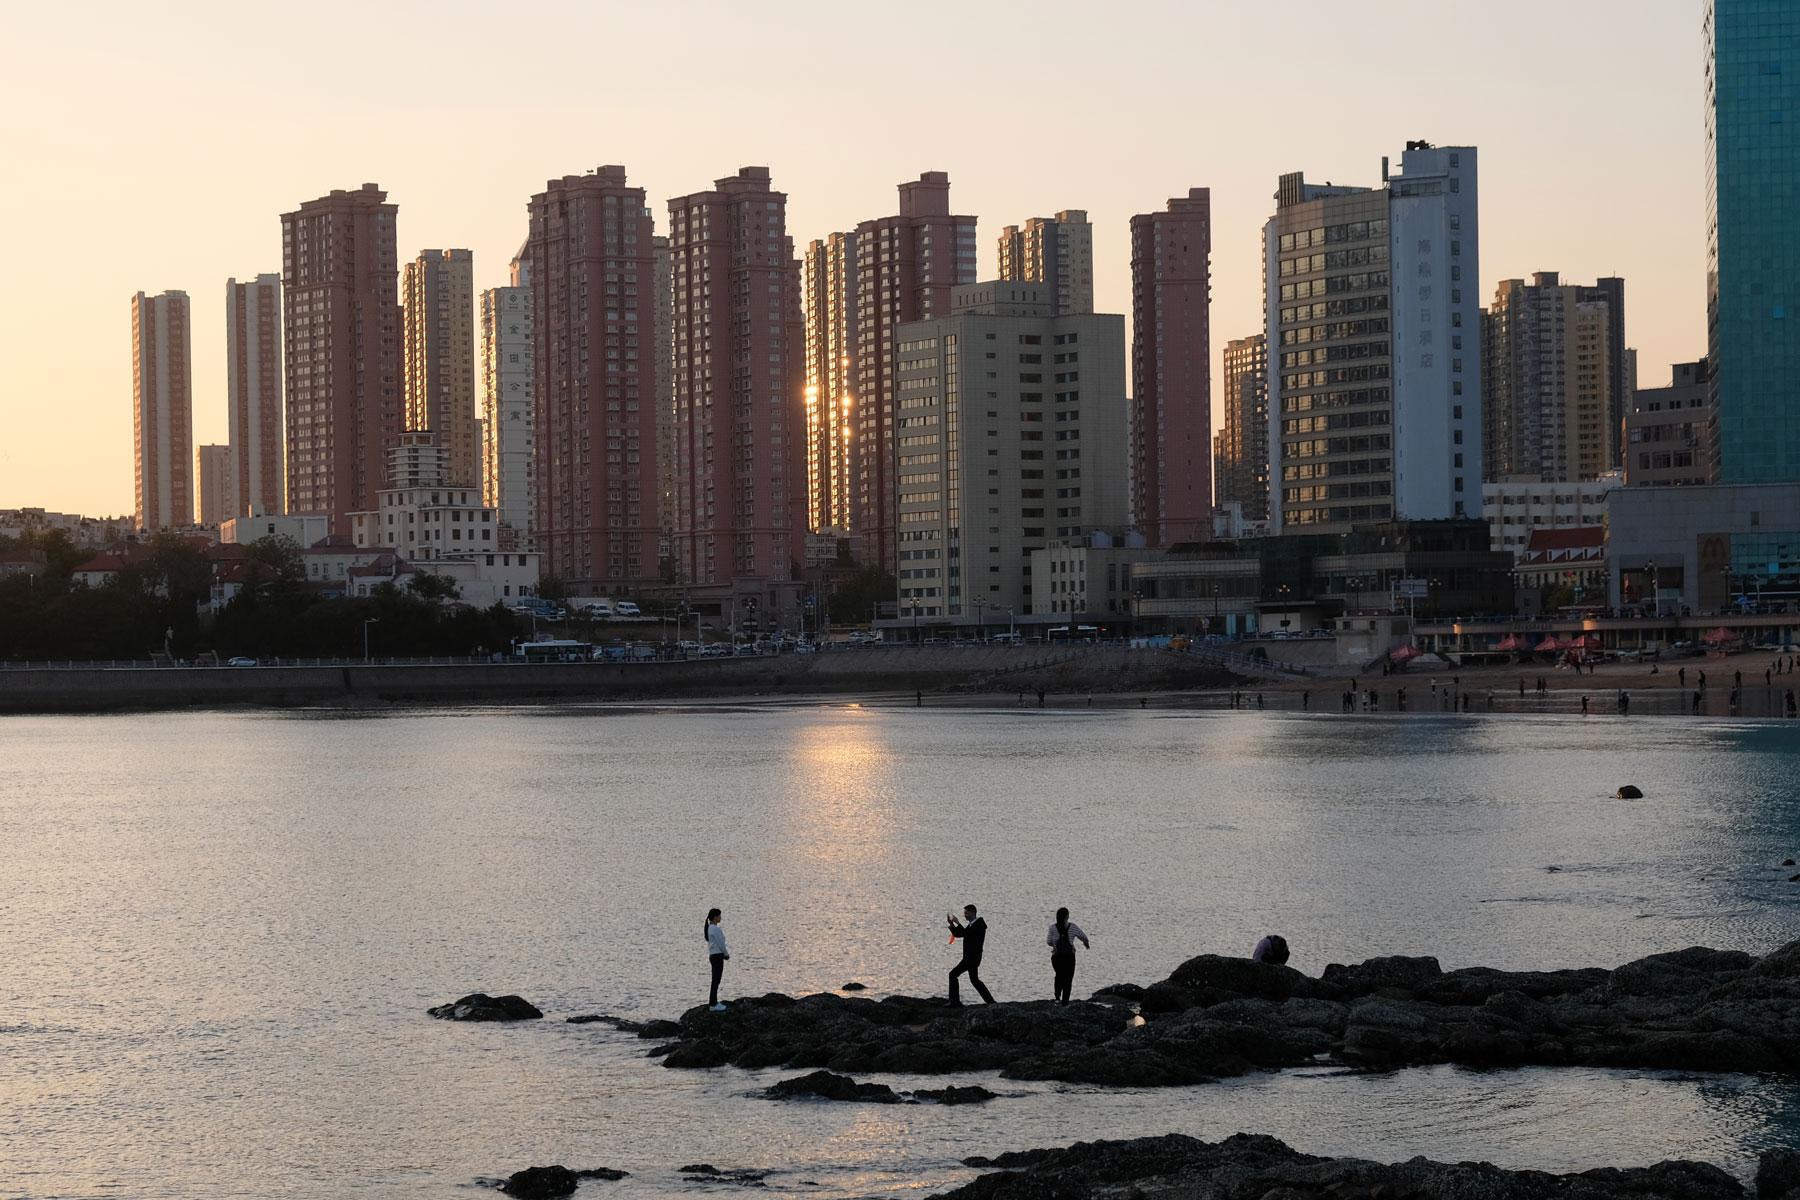 Ein Paar fofografiert sich vor der Skyline Qingdaos in China.